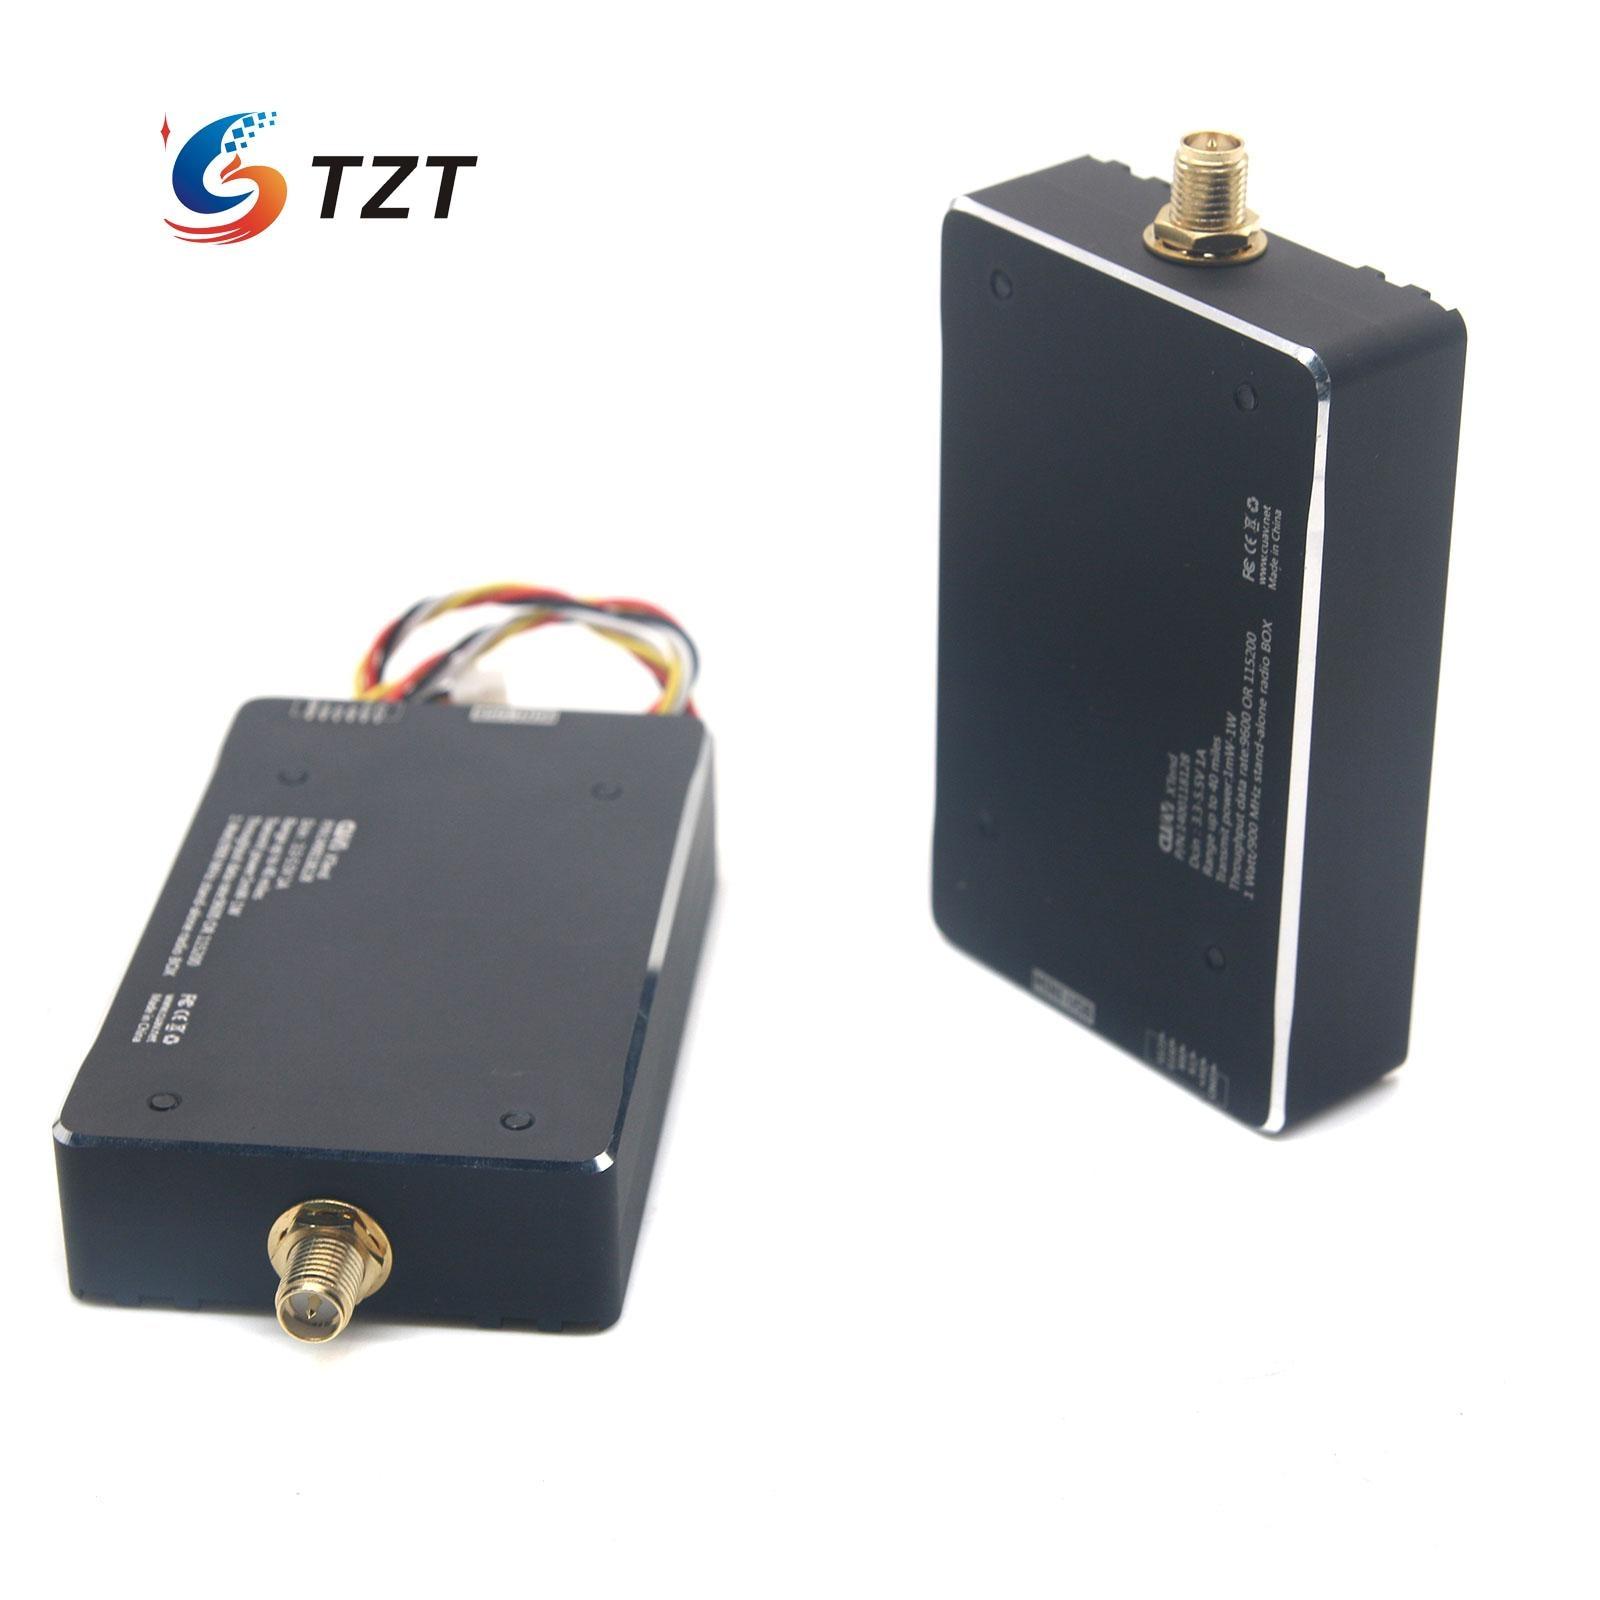 Xtend XTP9B Transmission de Données Sans Fil Module Kit RF Boîte 900 mAh 1 W pour APM Pixhawk Pixhack Contrôleur de Vol